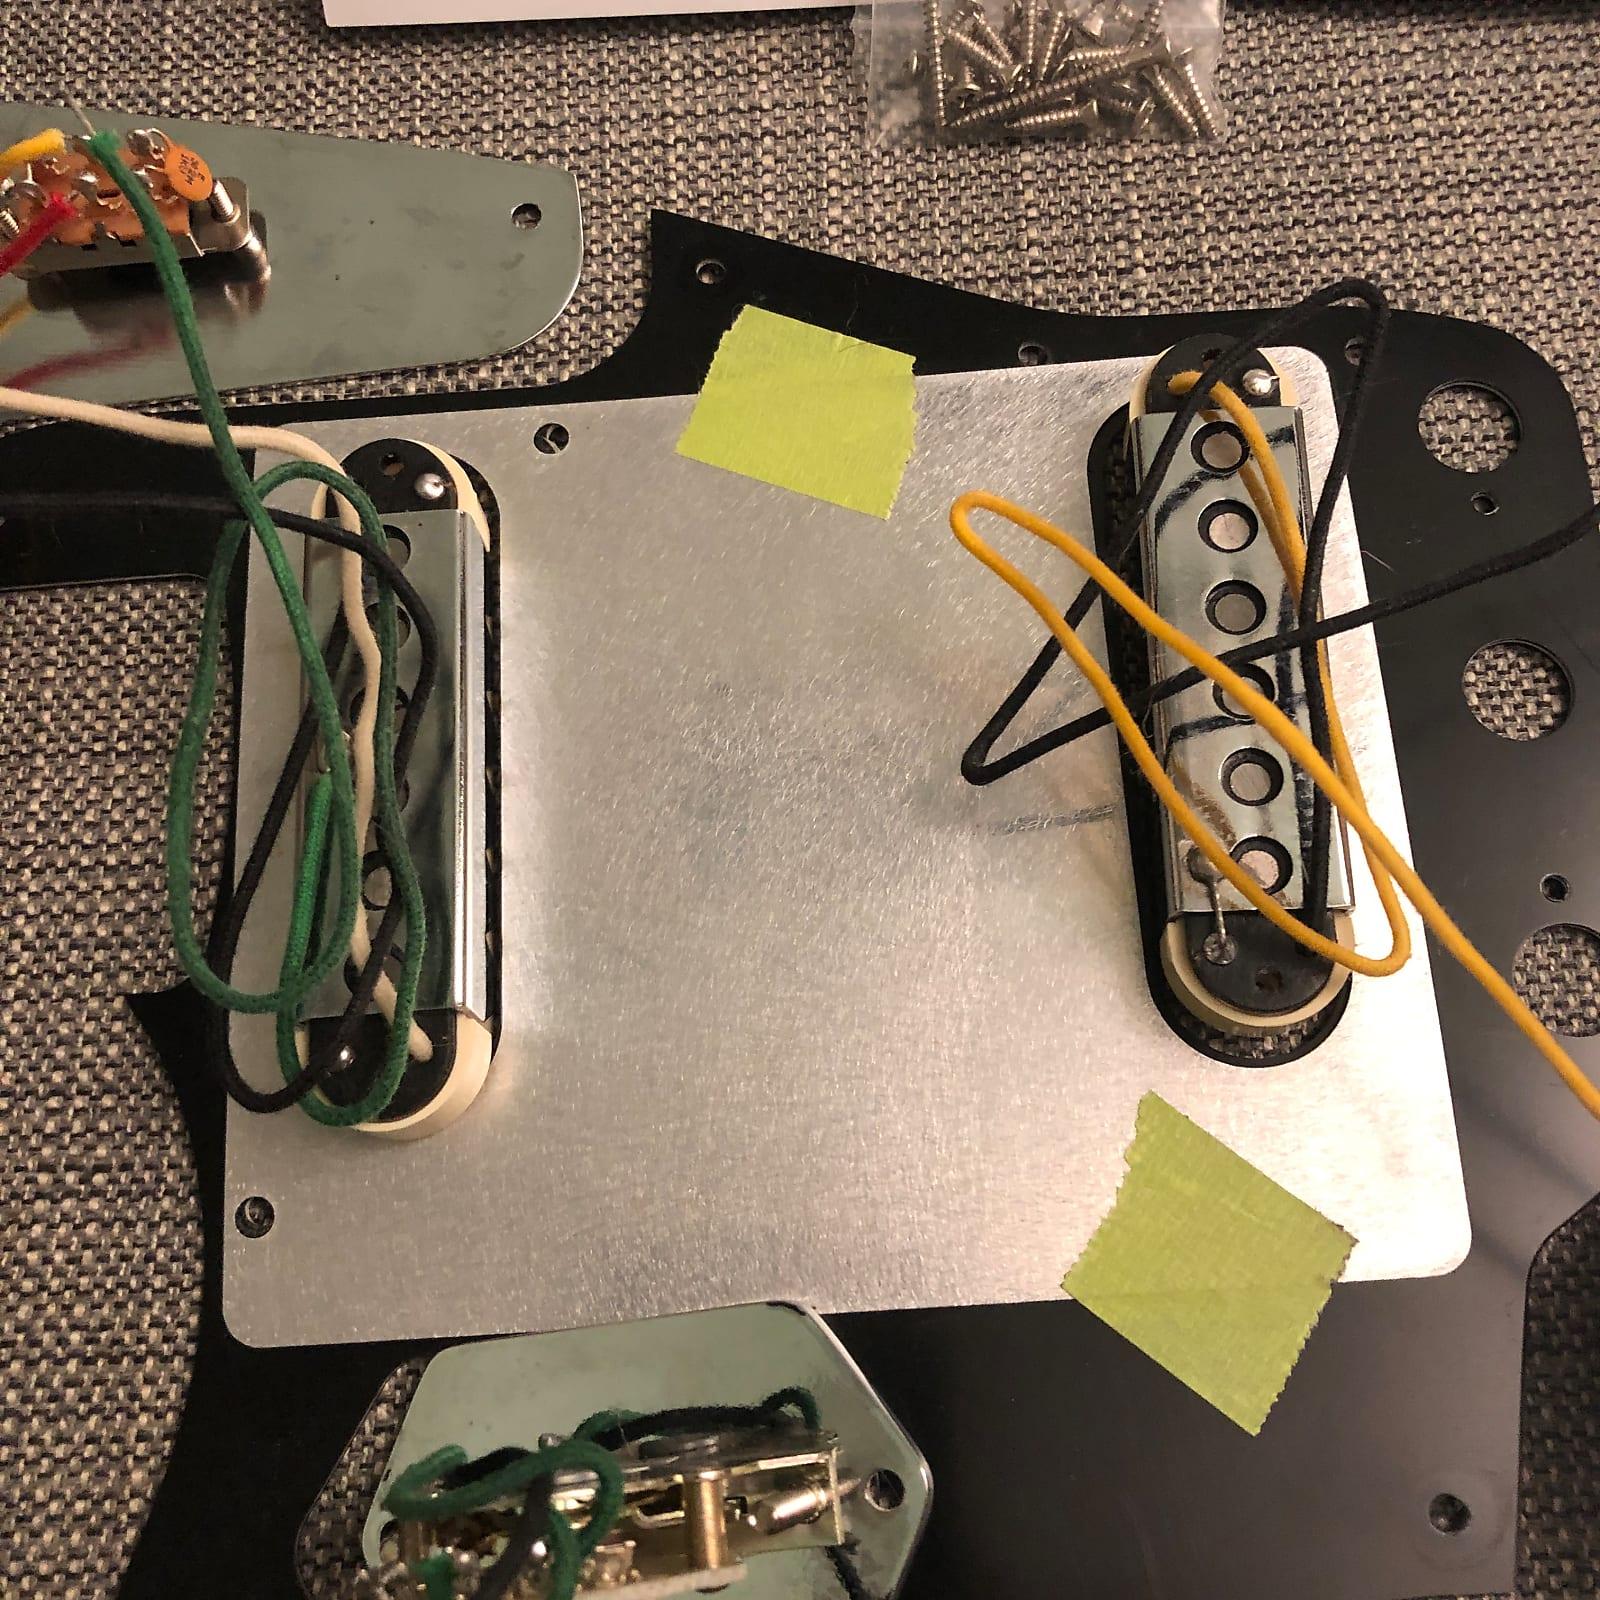 HELP!! DIY Johnny Marr Jaguar Wiring Problems!! - Page 2 - OffsetGuitars.comOffsetGuitars.com